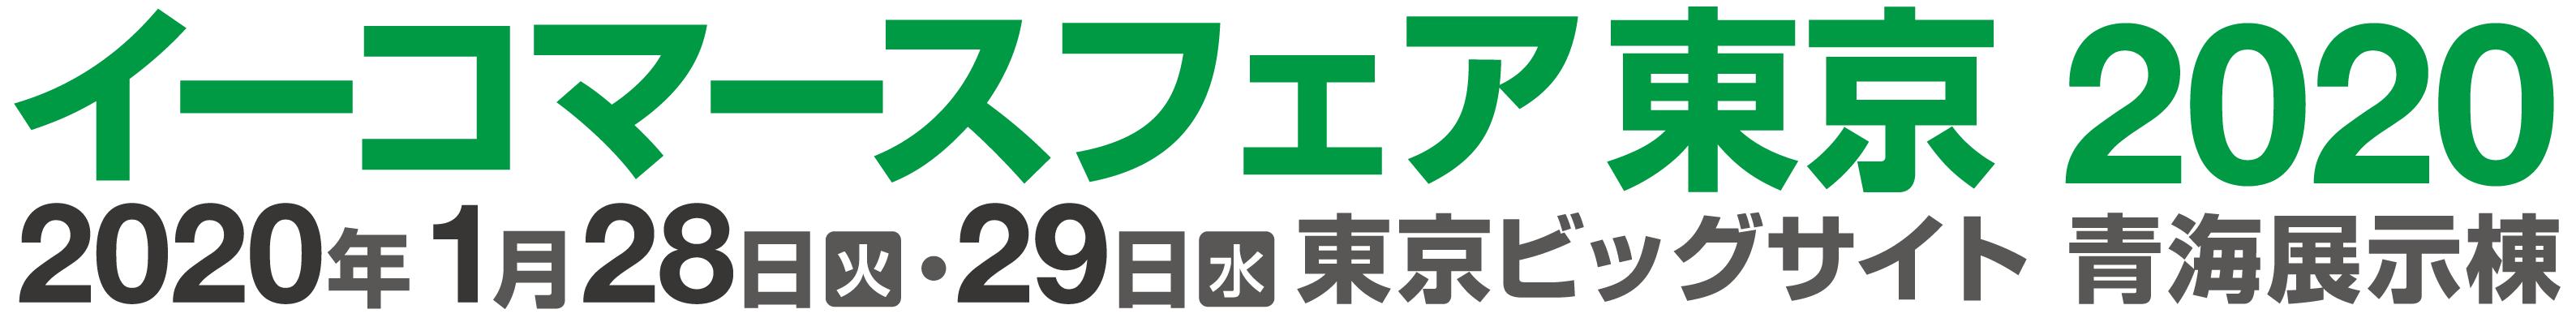 イーコマースフェア 東京 2020 2020年1月28日(水)~29日(木)